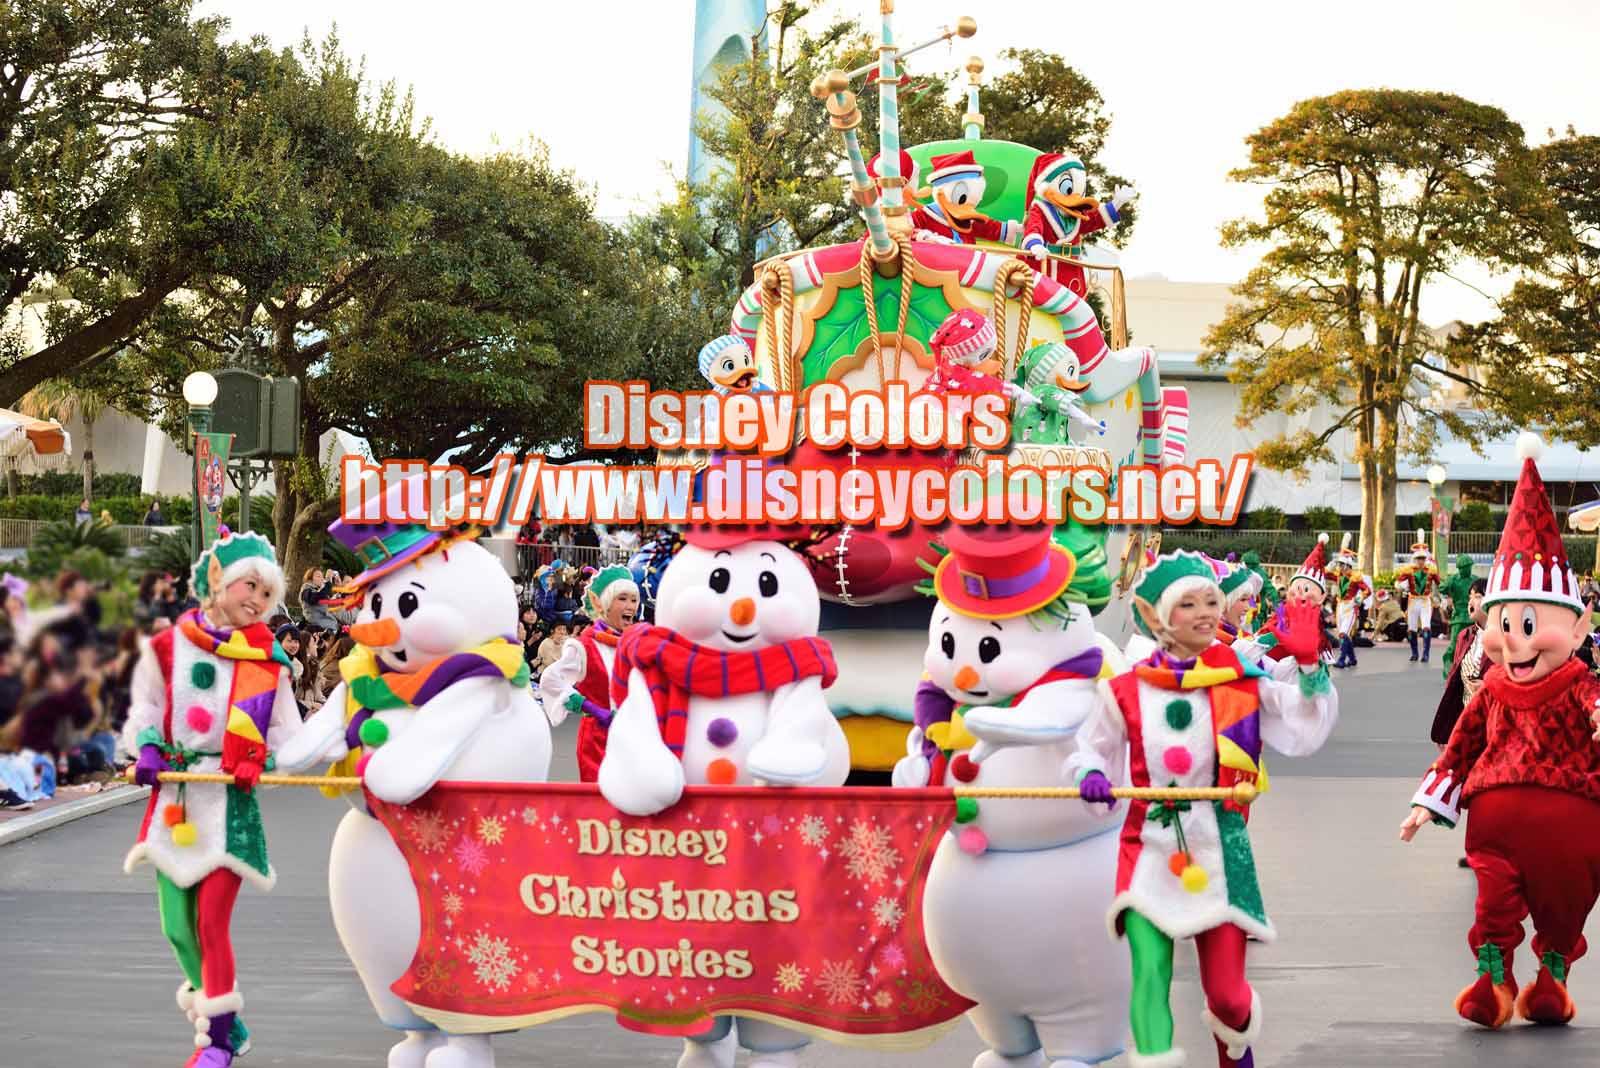 ディズニー・クリスマス・ストーリーズ2019 フロート停止位置・鑑賞場所ガイド